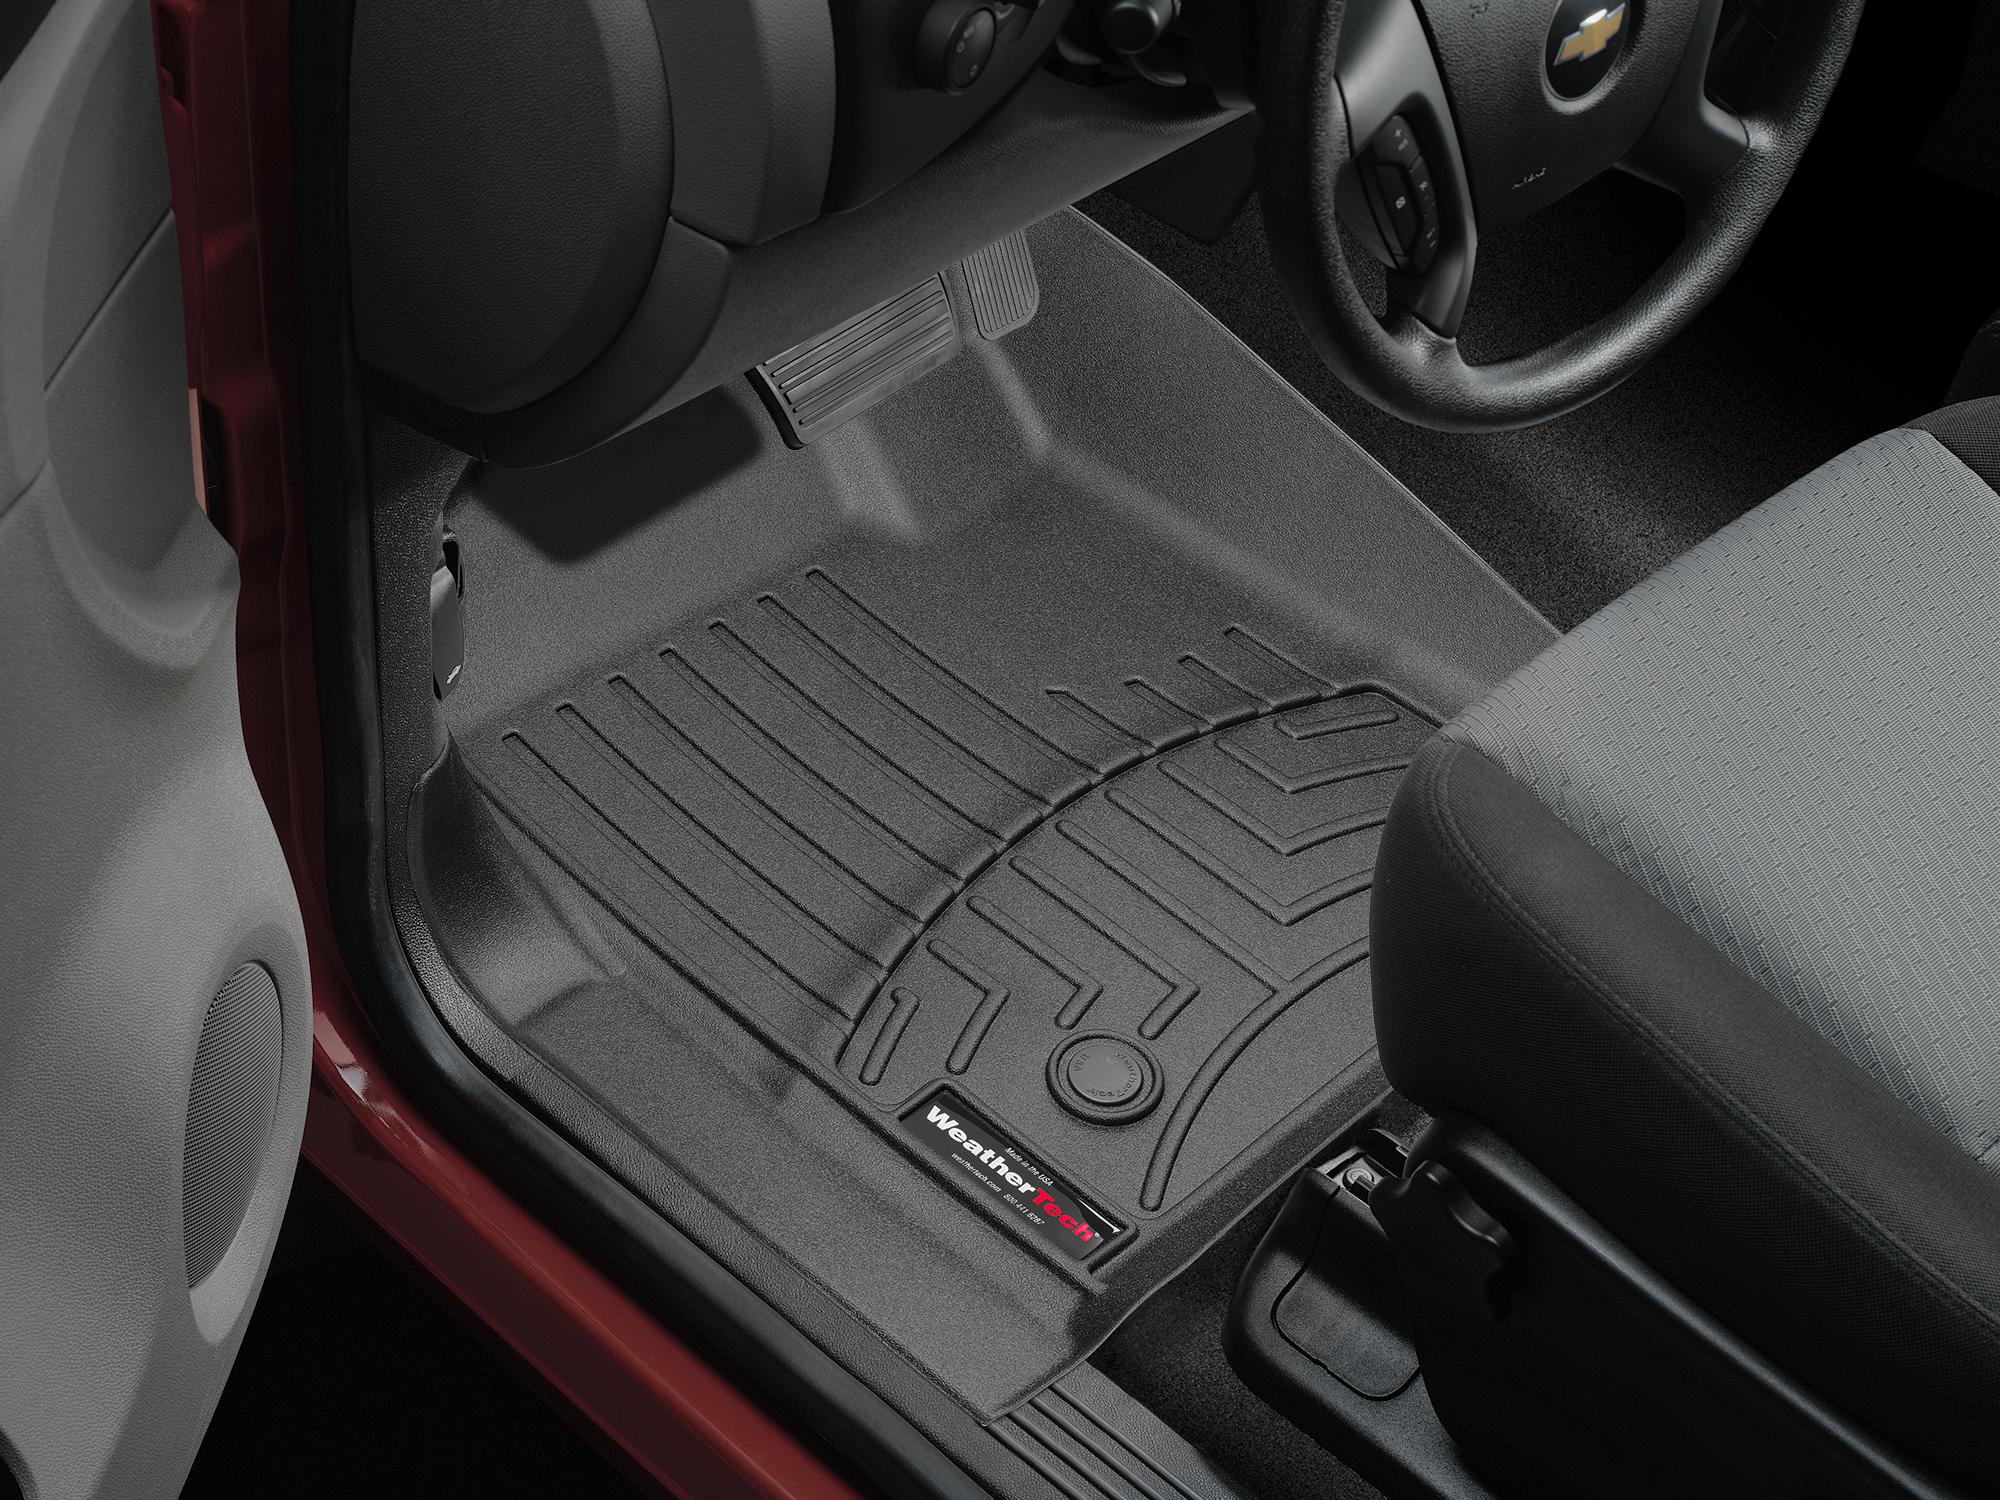 Tappeti gomma su misura bordo alto Chevrolet Silverado 07>07 Nero A169